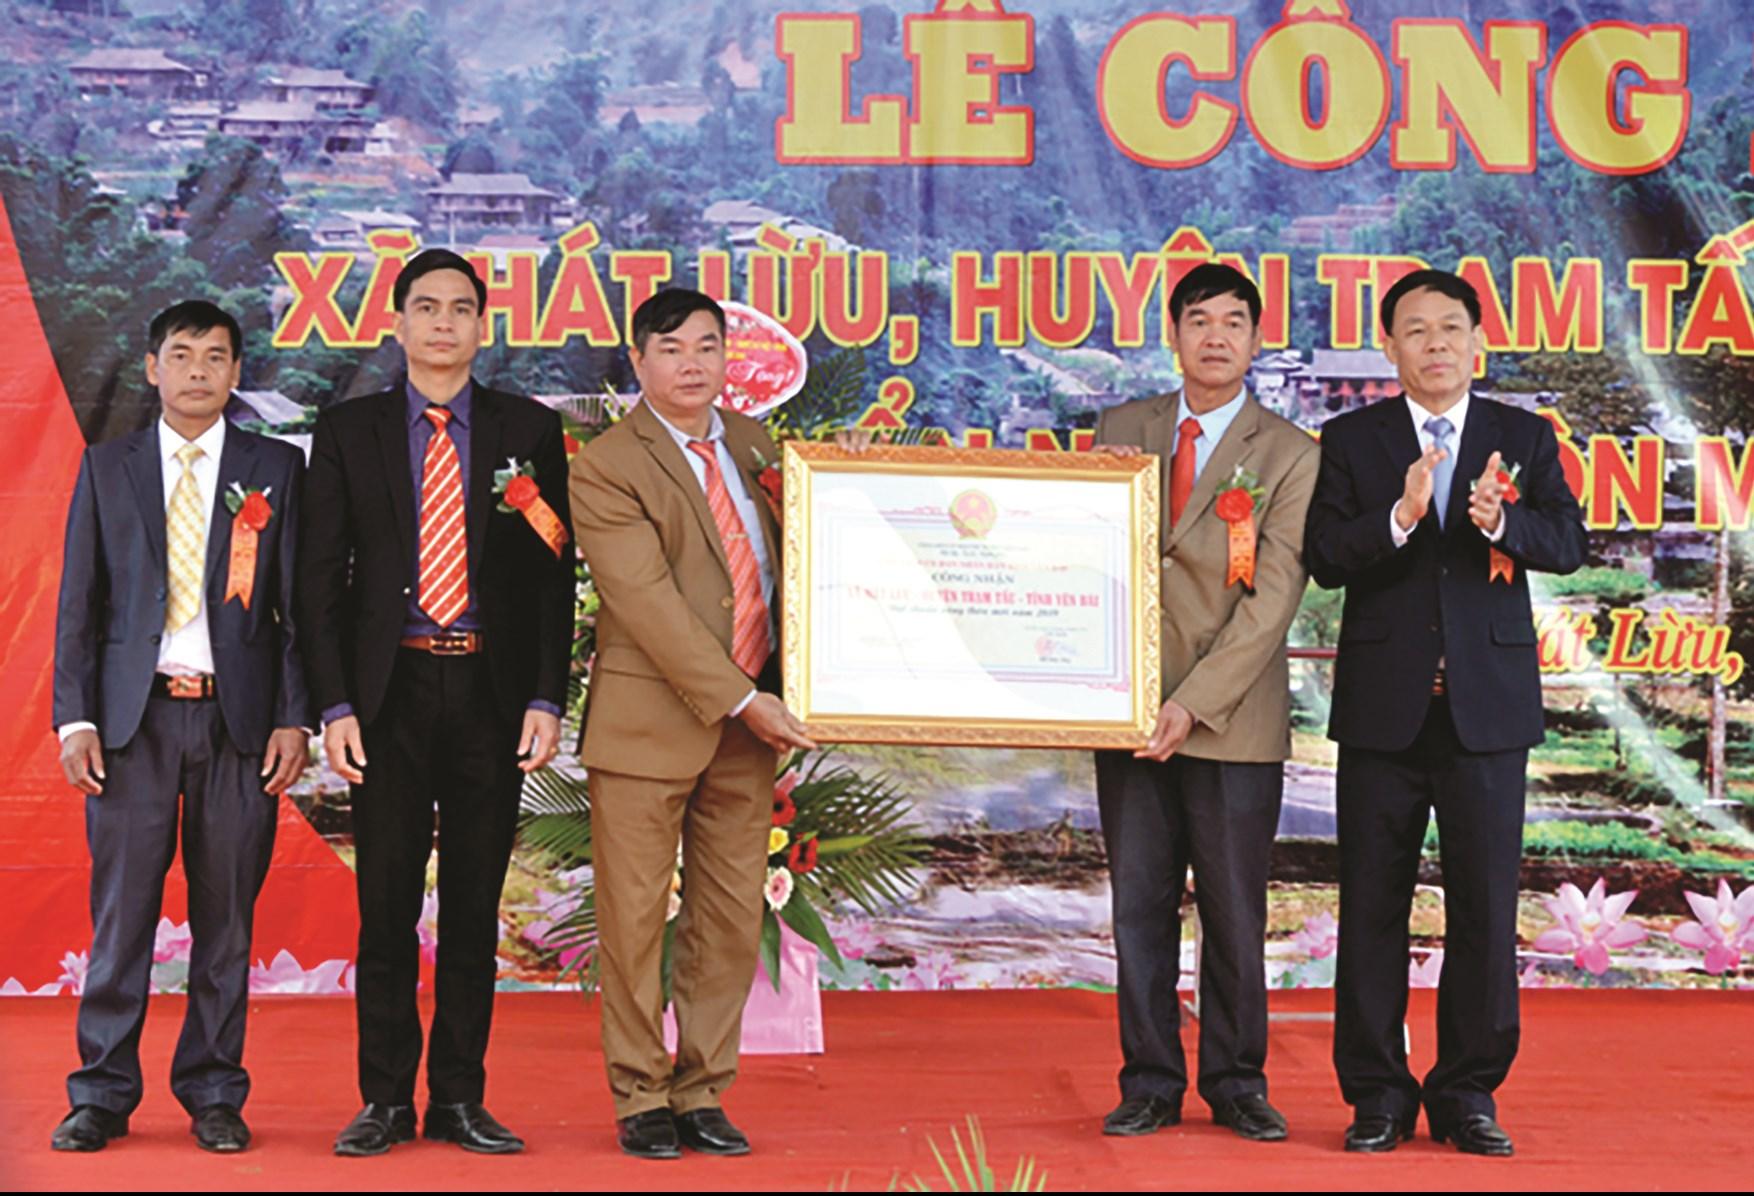 Phó Chủ tịch UBND tỉnh Nguyễn Văn Khánh (người ngoài cùng bên phải) trao Quyết định công nhận xã Hát Lừu đạt chuẩn NTM